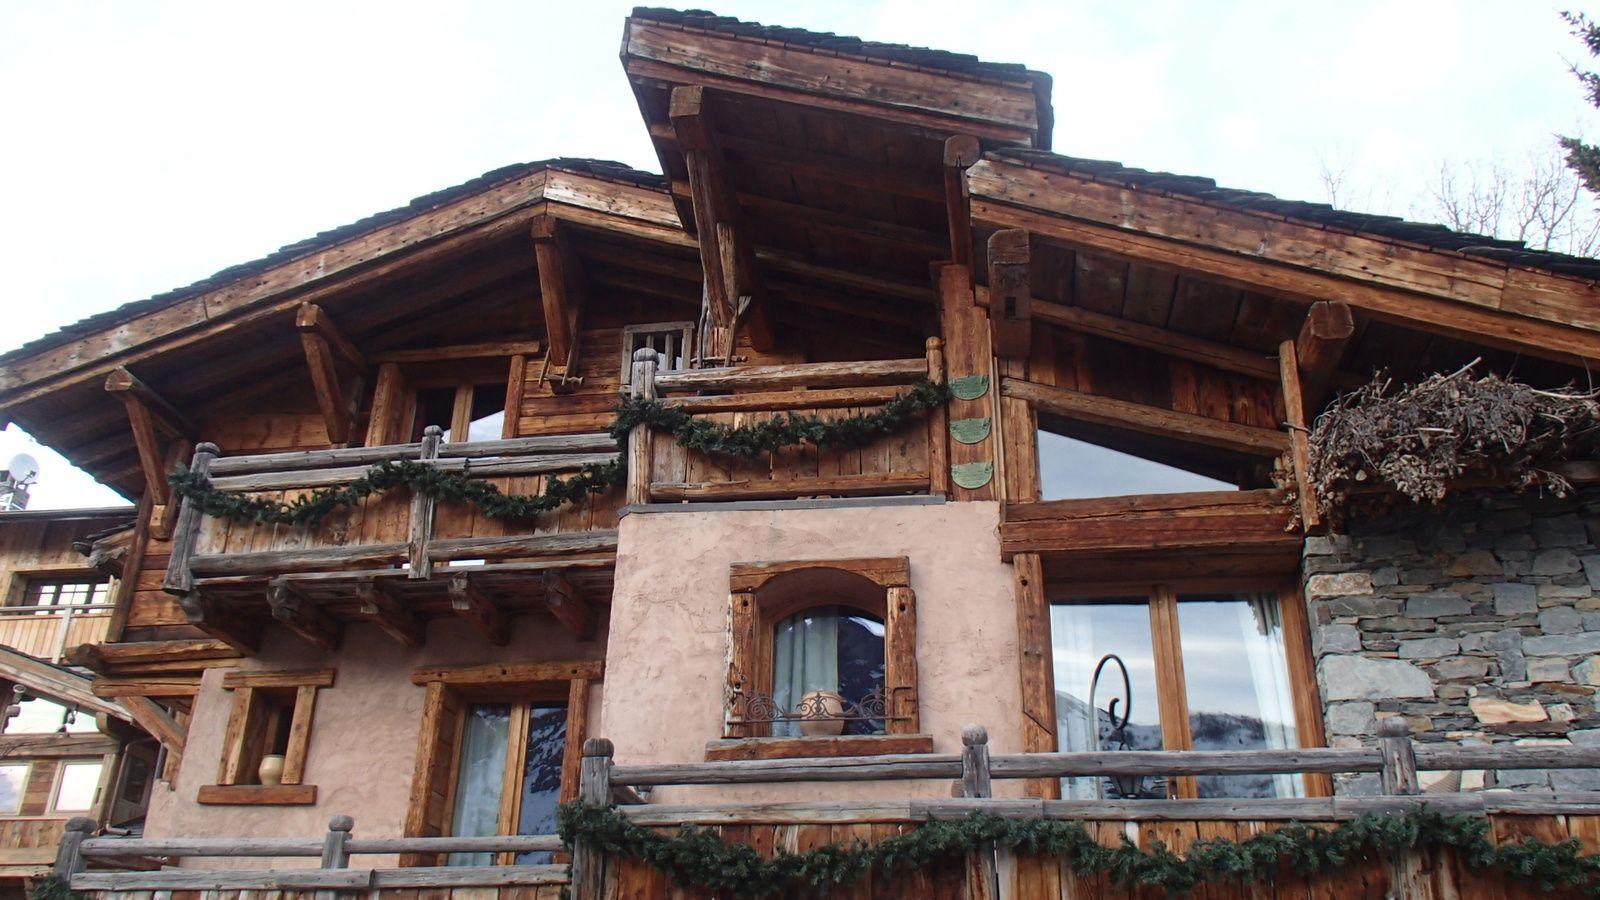 Savoie   H U00f4tel Restaurant  U0026quot La Bouitte U0026quot    Le Meilleur De La